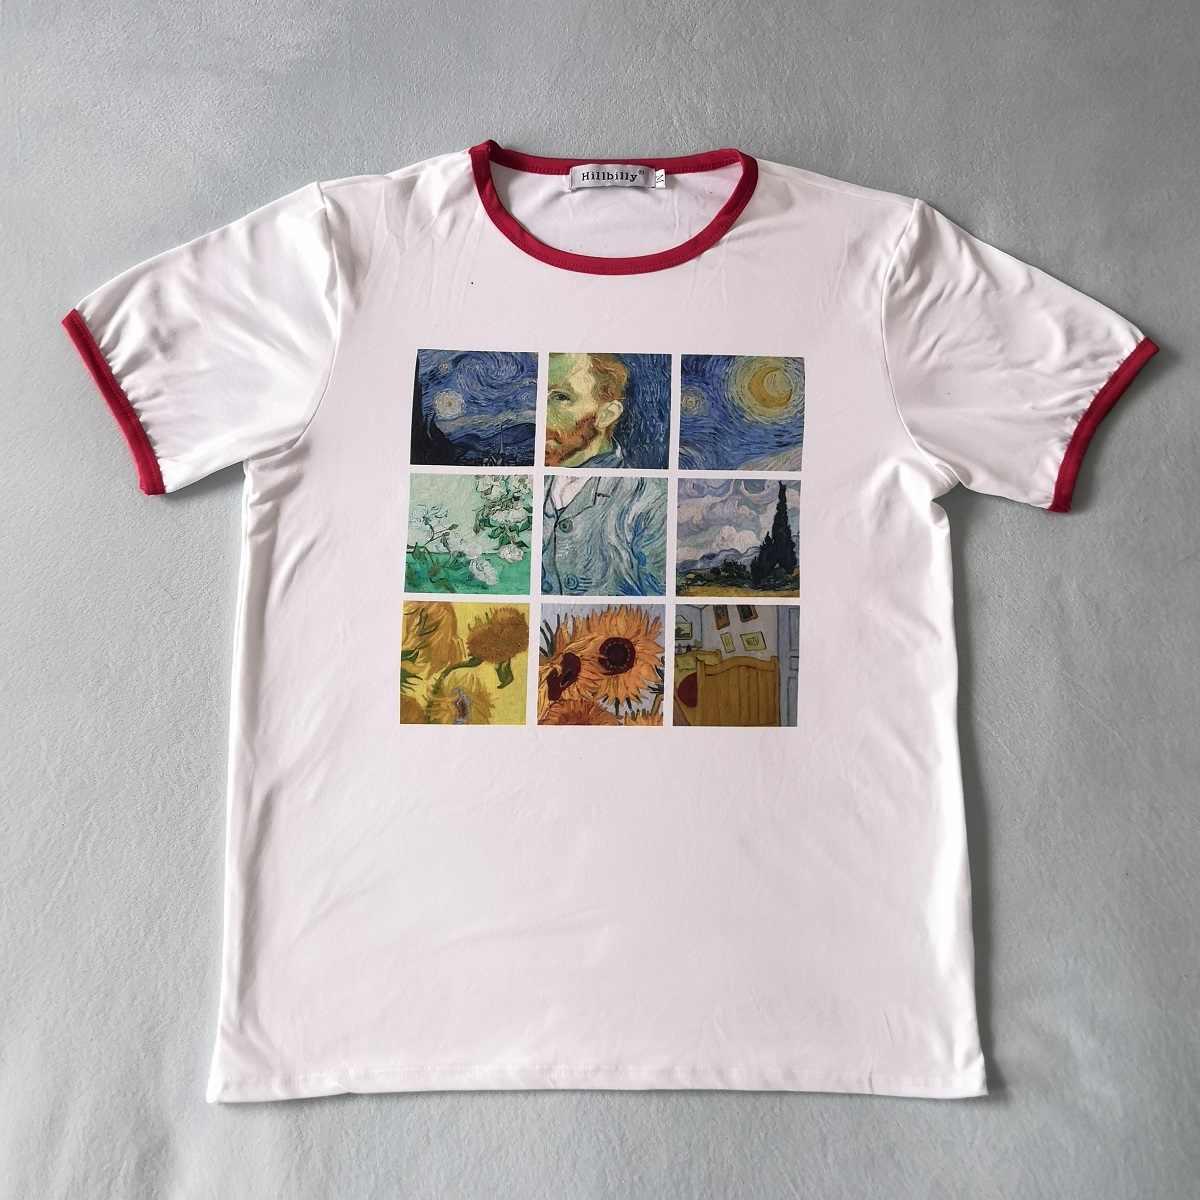 Verano Blanca Básica Sobre Camiseta Detalle Preguntas De Comentarios htrdQs